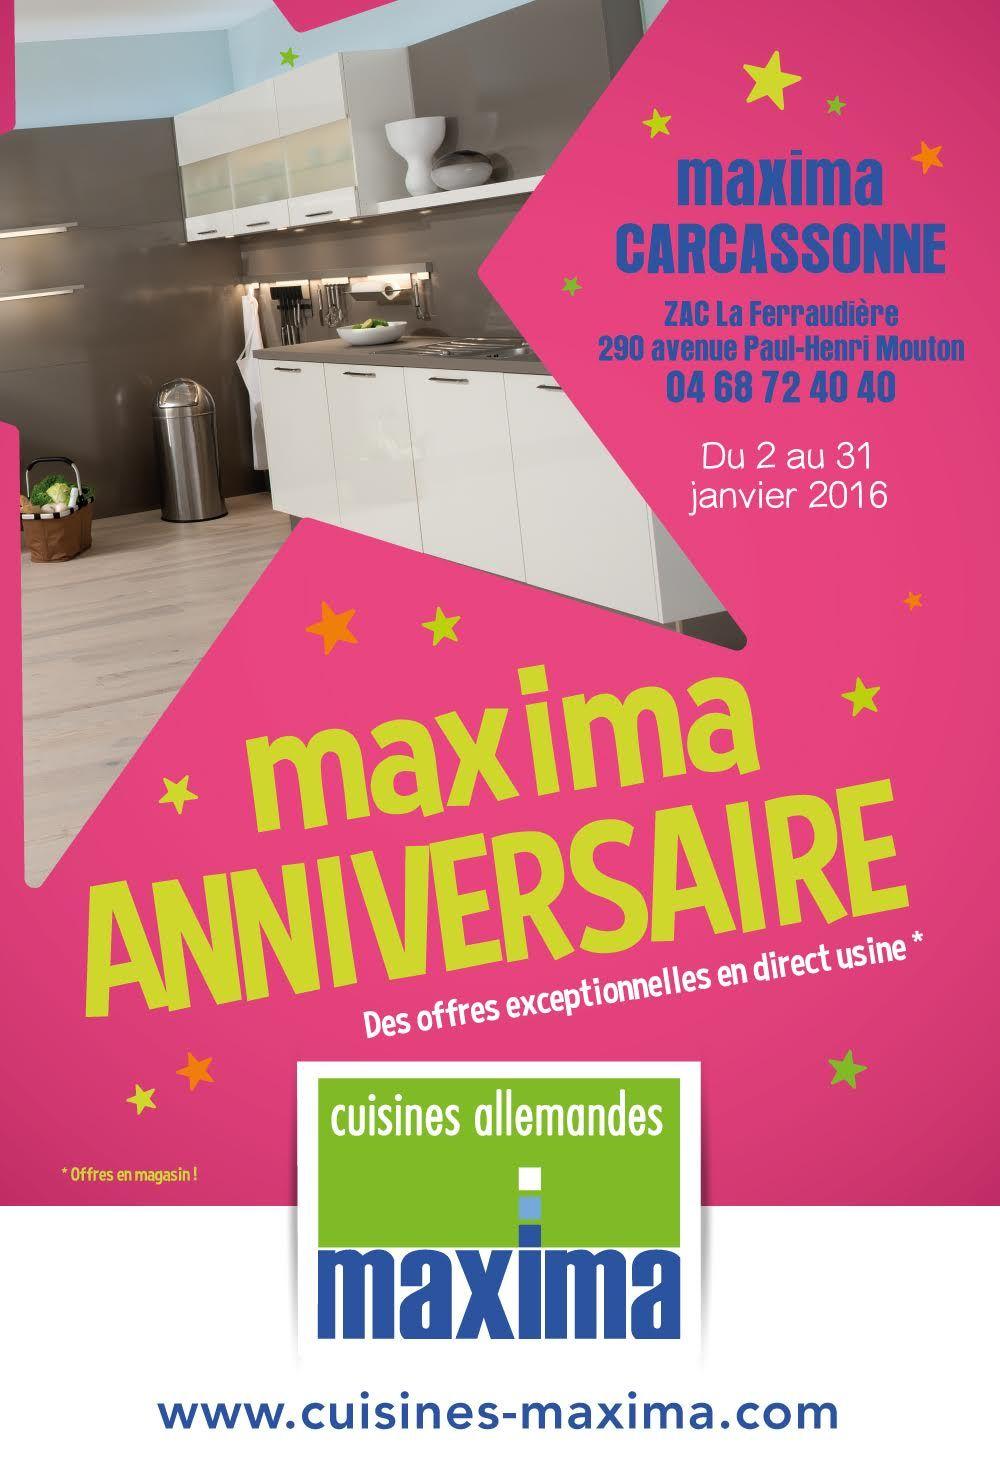 Du 2 Au 31 Janvier 2016 Profitez Des Offres Anniversaire Dans Votre Maxima Carcassonne Carcassonne 31 Janvier Anniversaire